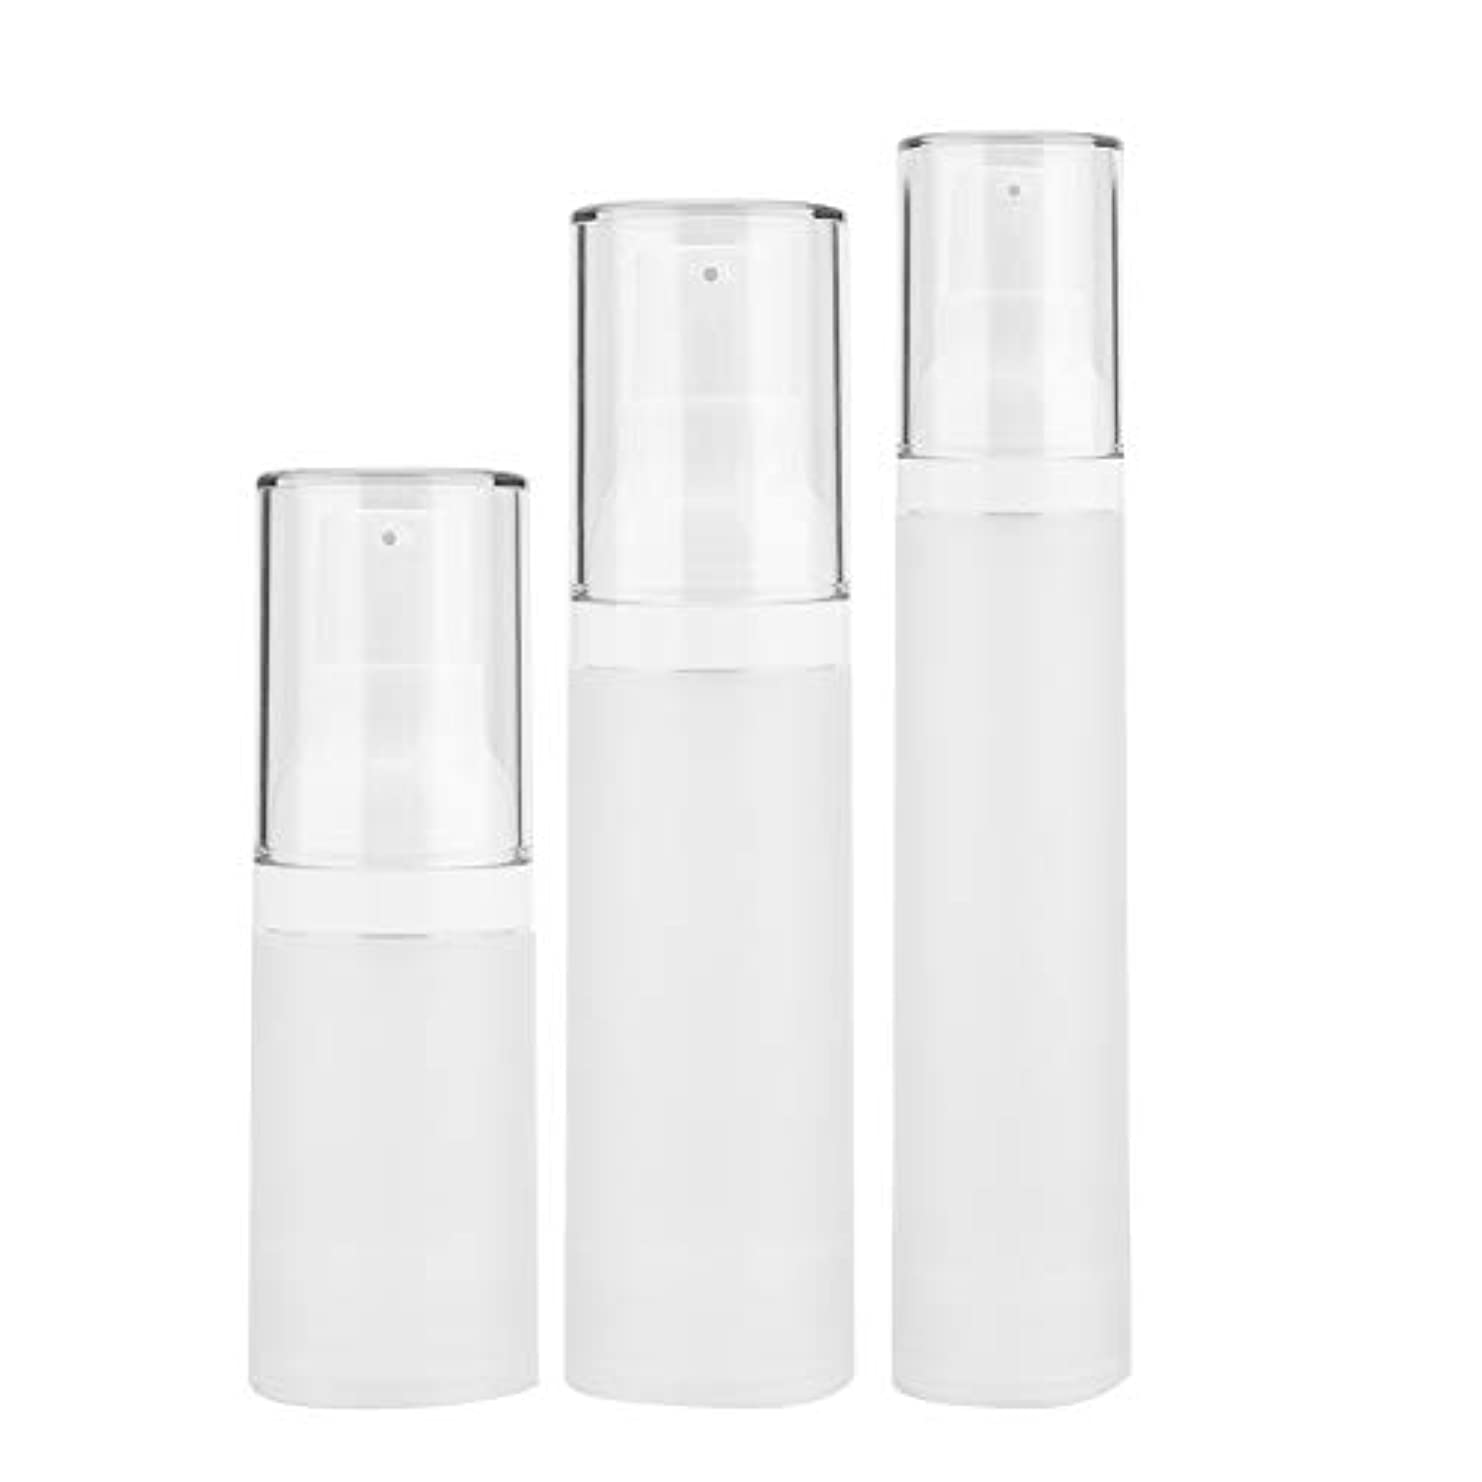 美容師模倣廊下3本入りトラベルボトルセット - 化粧品旅行用容器、化粧品容器が空の化粧品容器付きペットボトル - シャンプーとスプレー用(3 pcs)